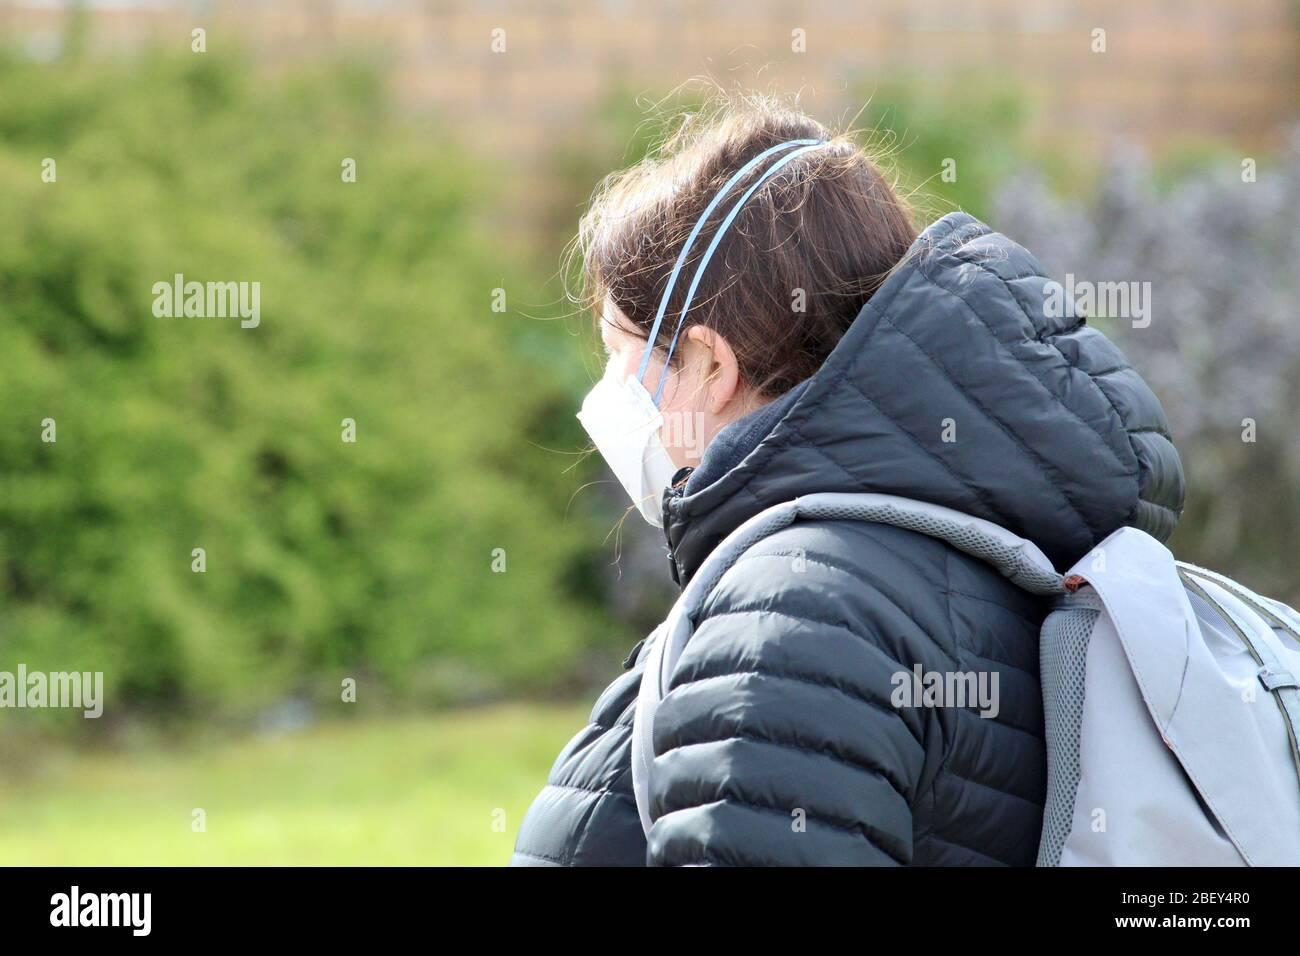 Frau das Tragen schützender Maske Stockfoto